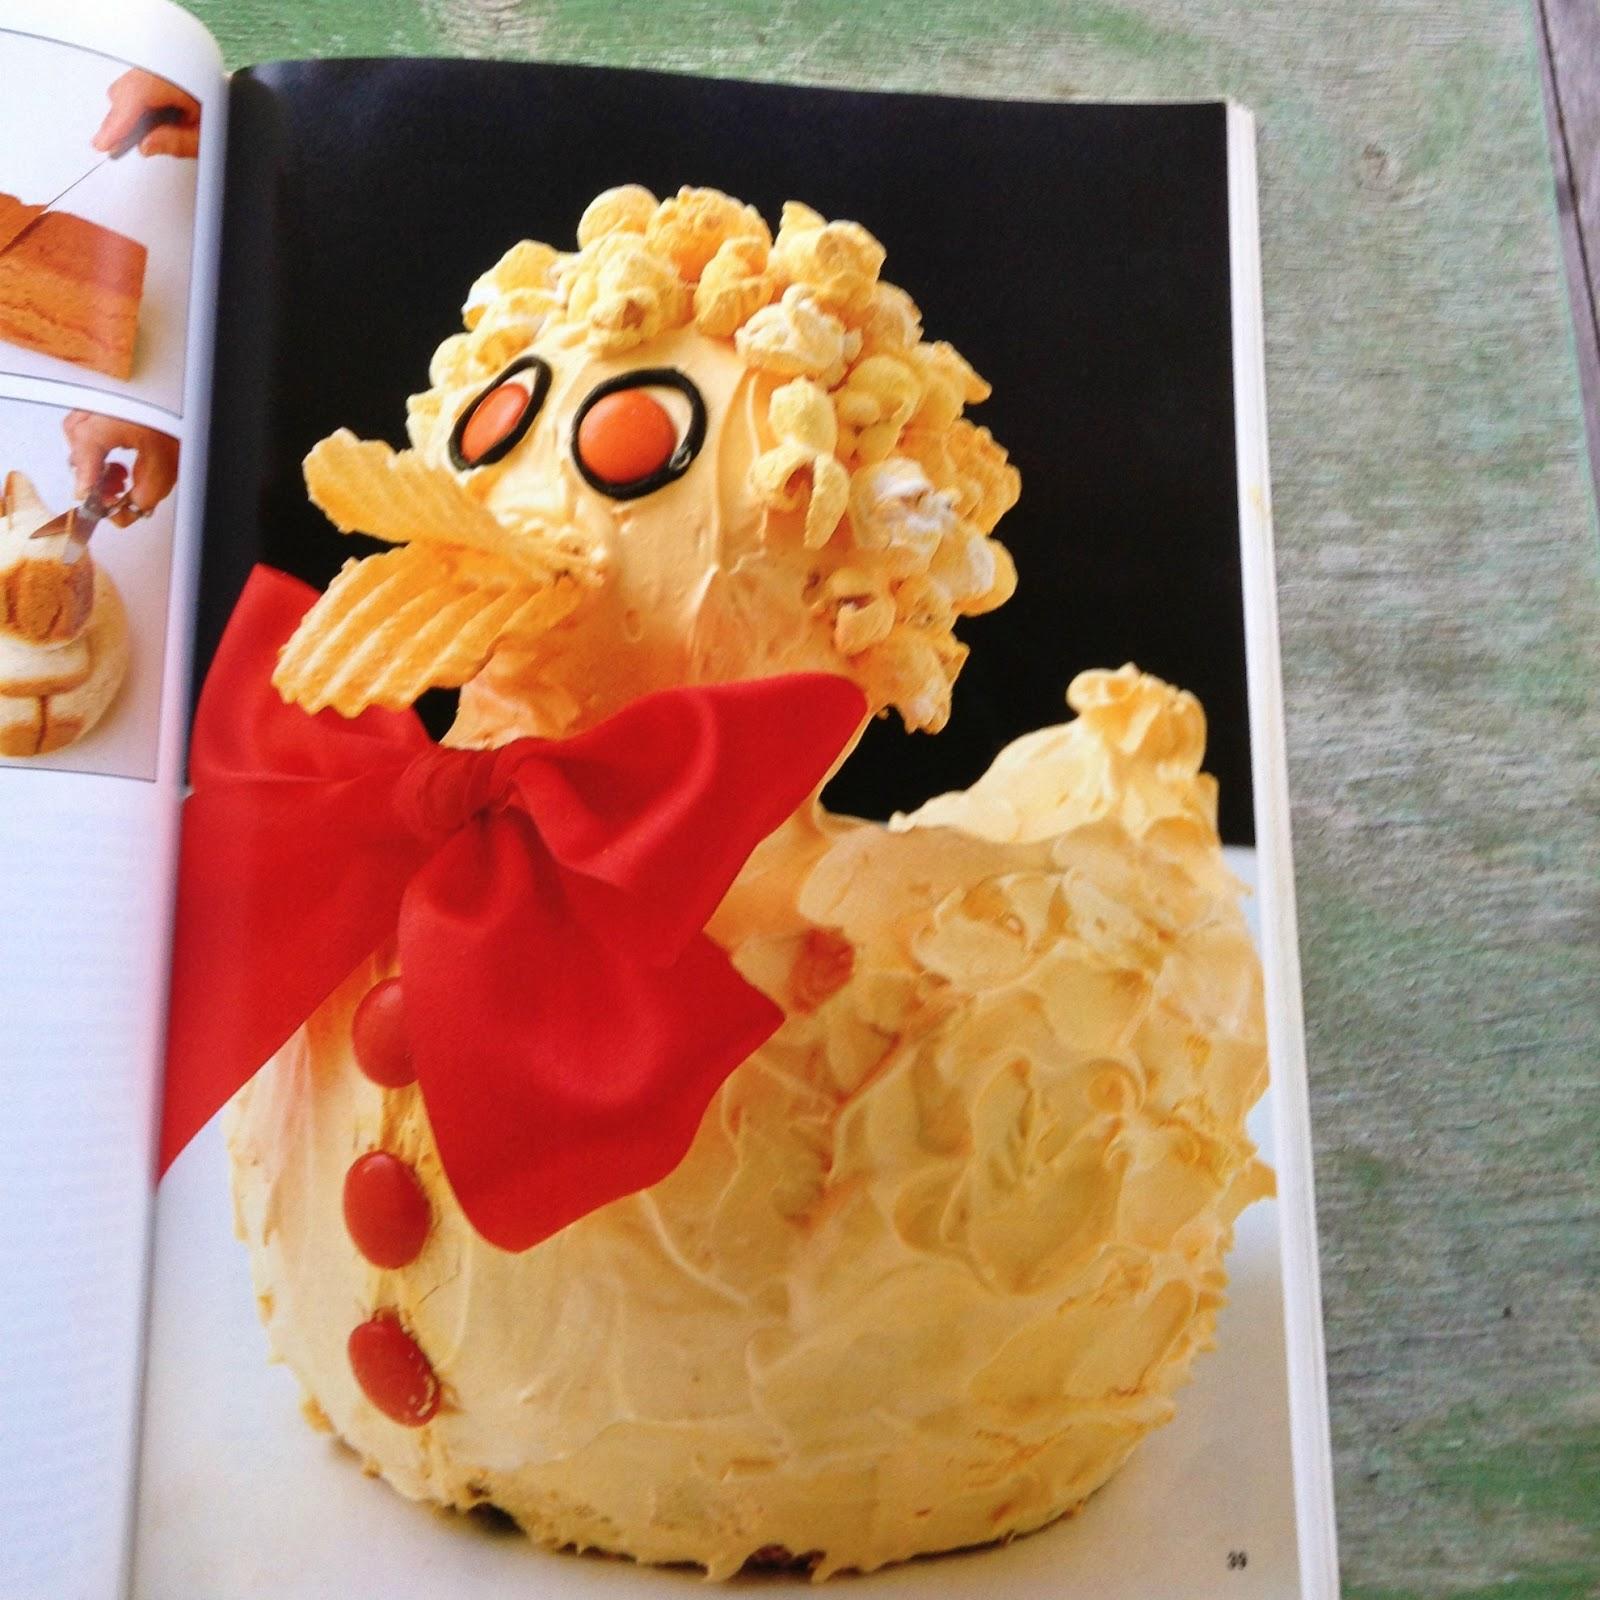 Womens Weekly Childrens Birthday Cake Book Yellow Dandy - Womens weekly childrens birthday cake cookbook